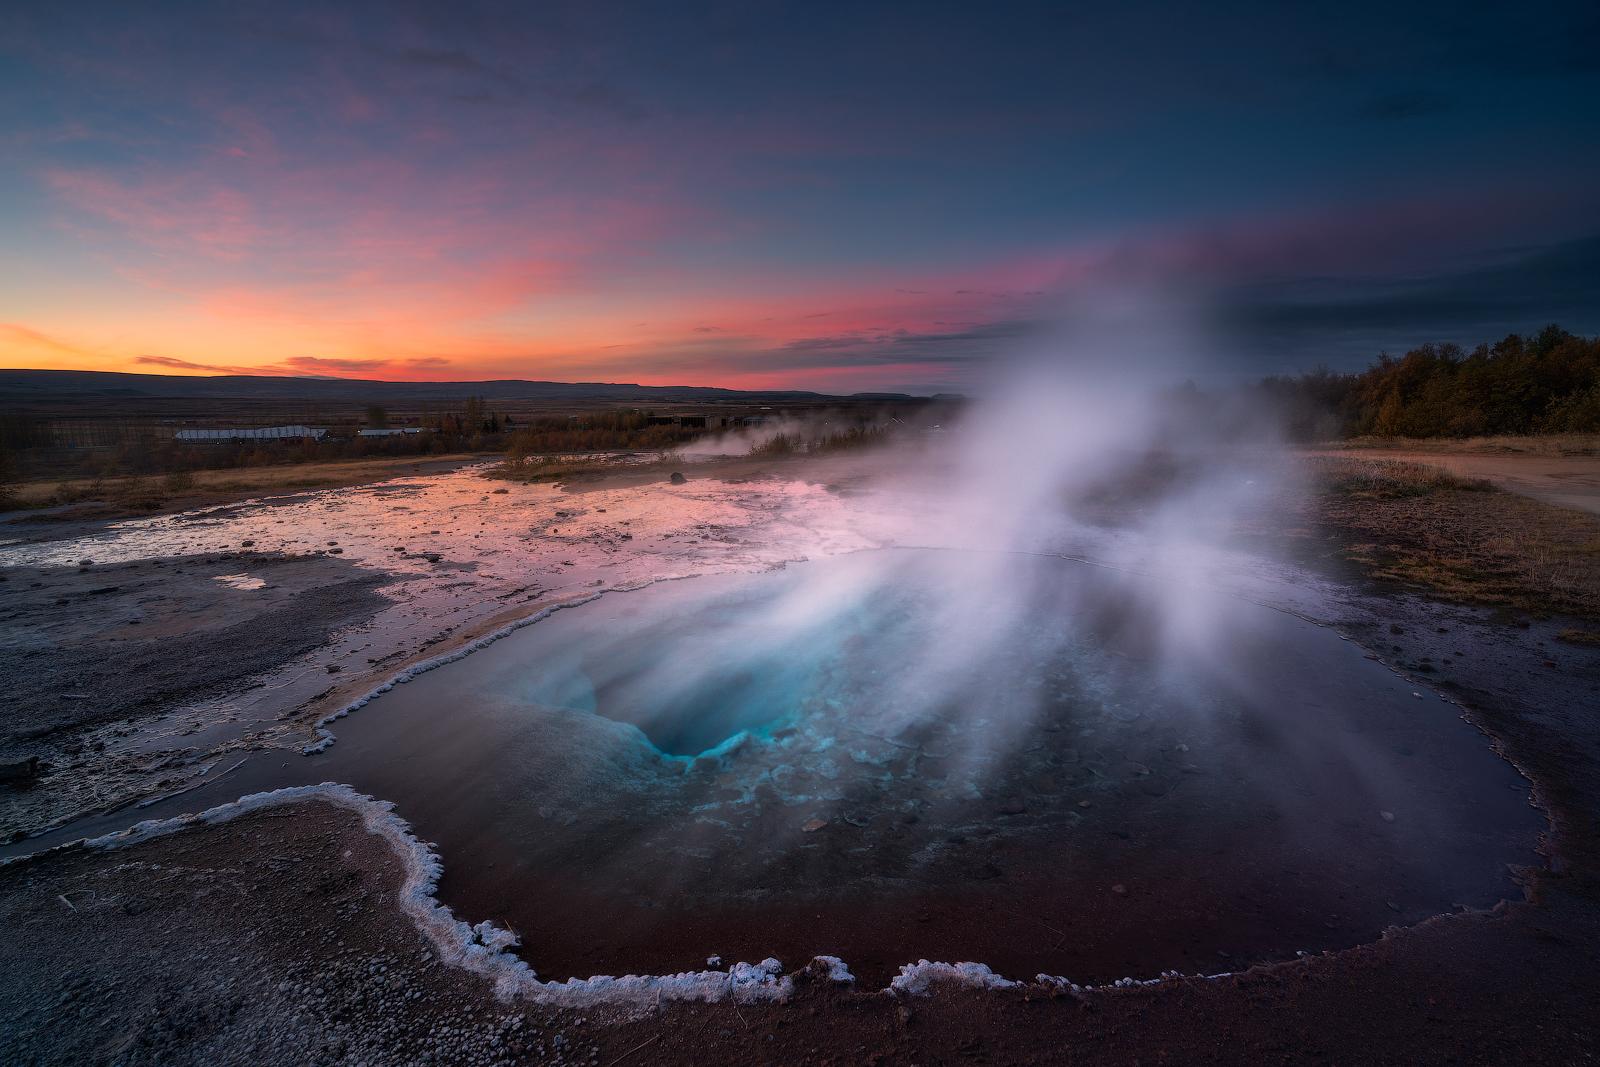 스트로쿠르 지열 지하수가 공중으로 분출하는 장면